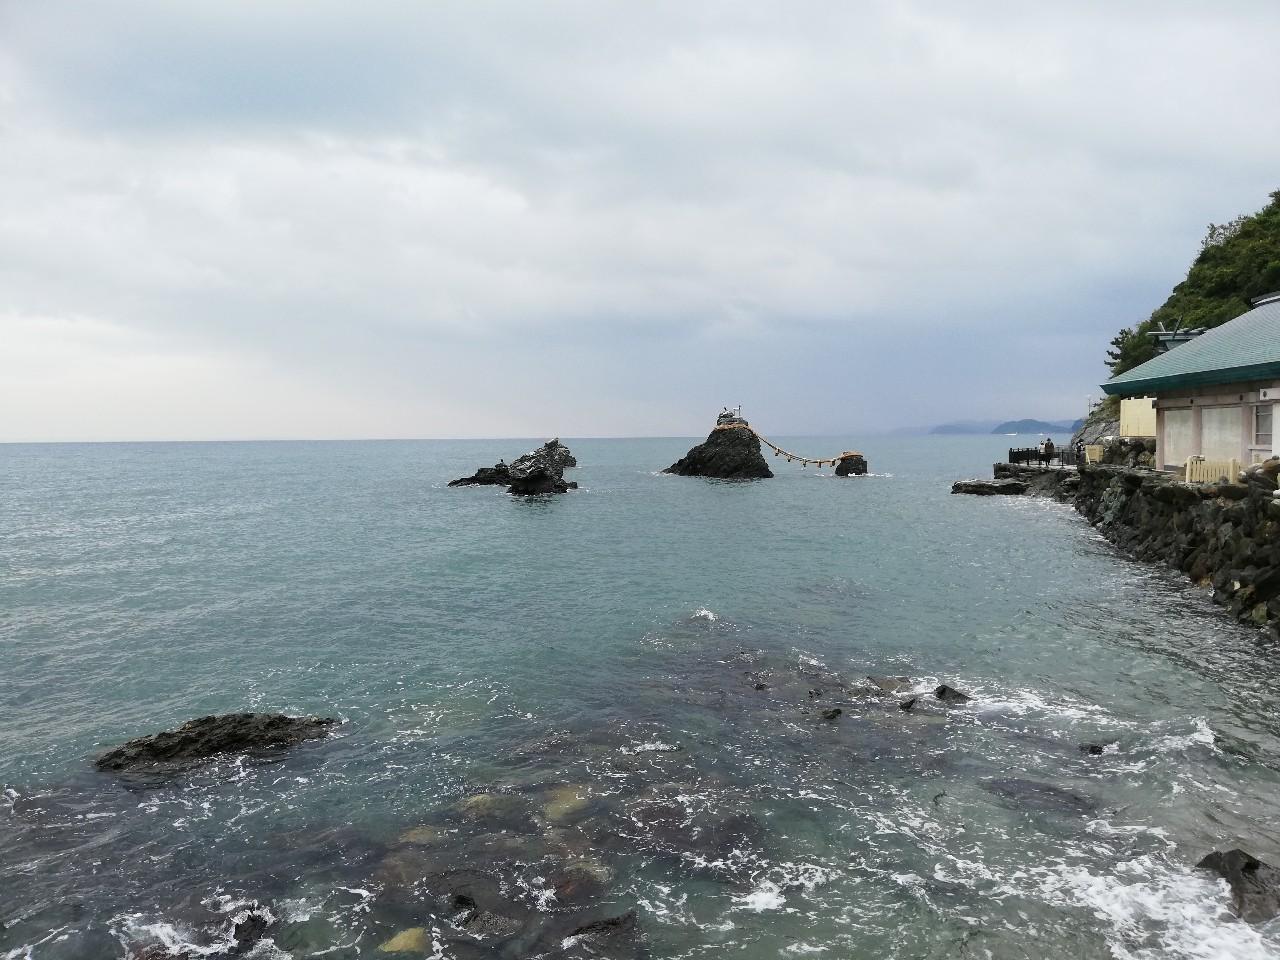 伊勢湾に浮かぶ注連縄がかかった夫婦岩